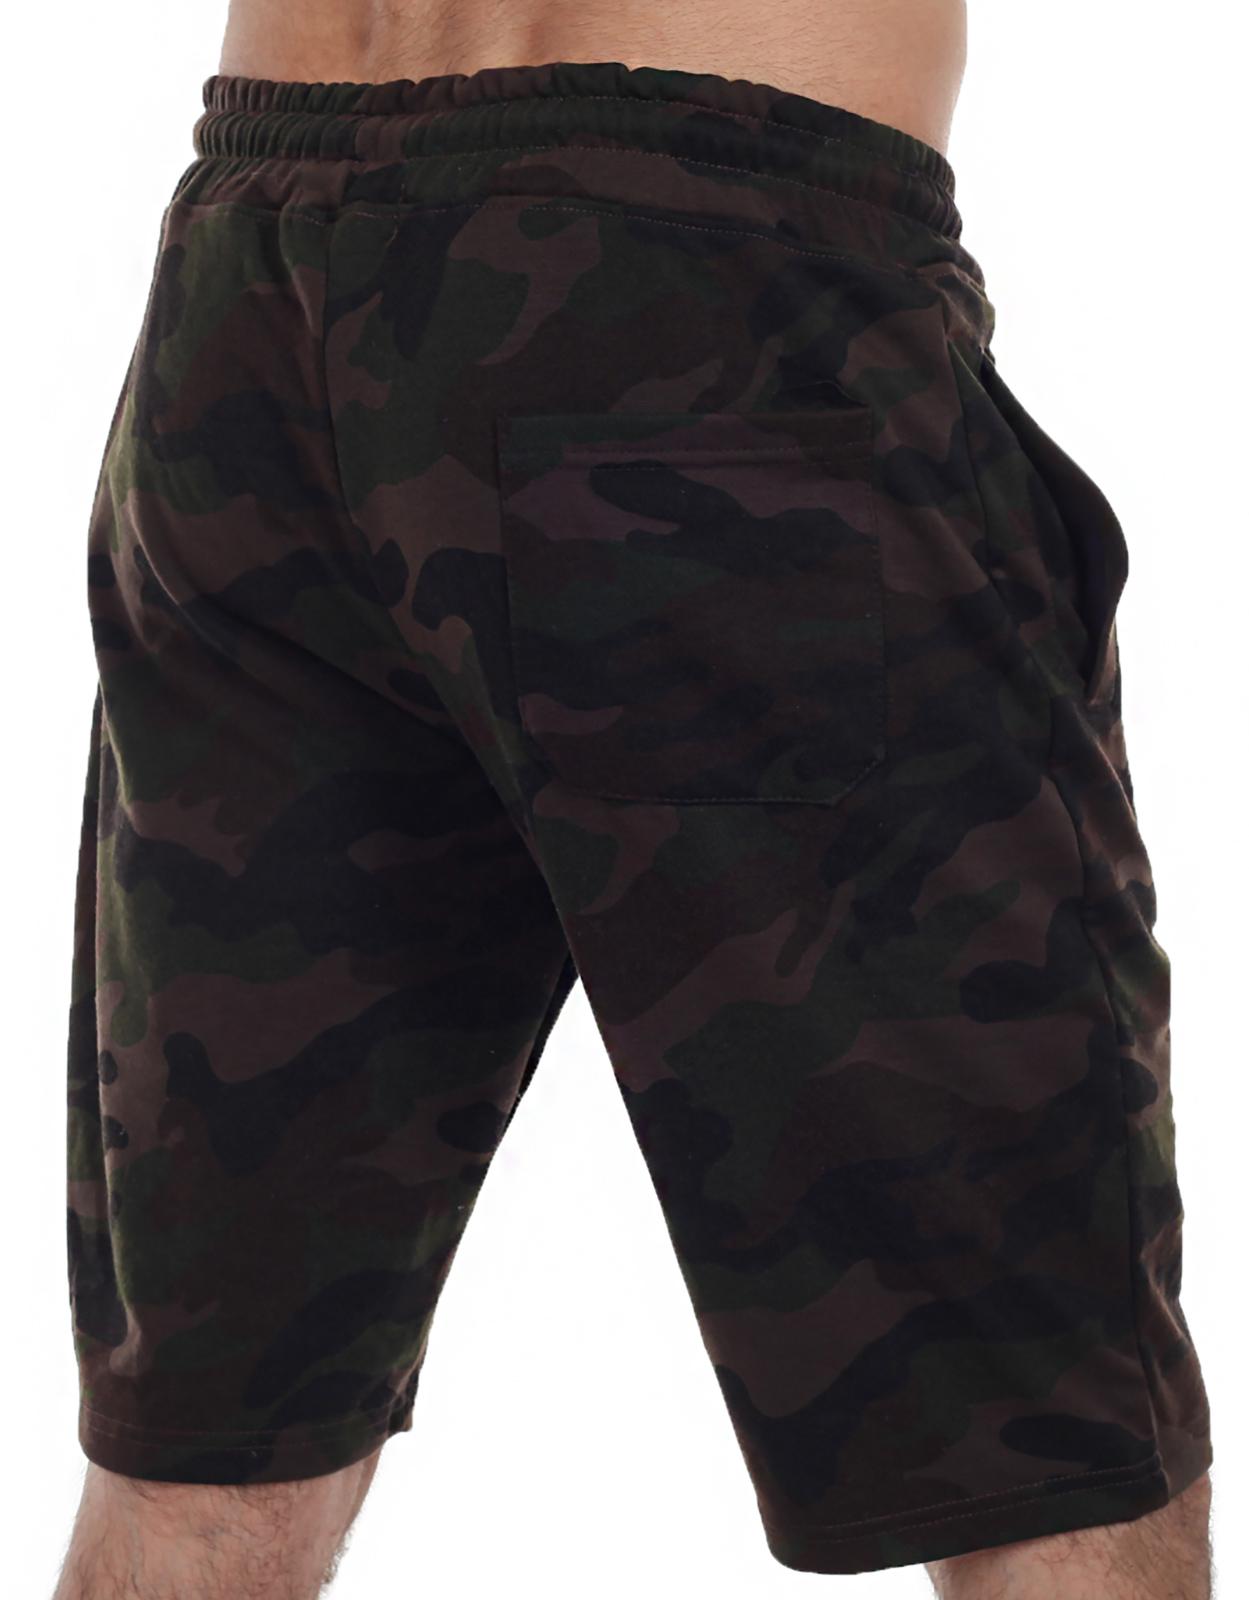 Армейские надежные шорты с нашивкой ФСО - купить выгодно